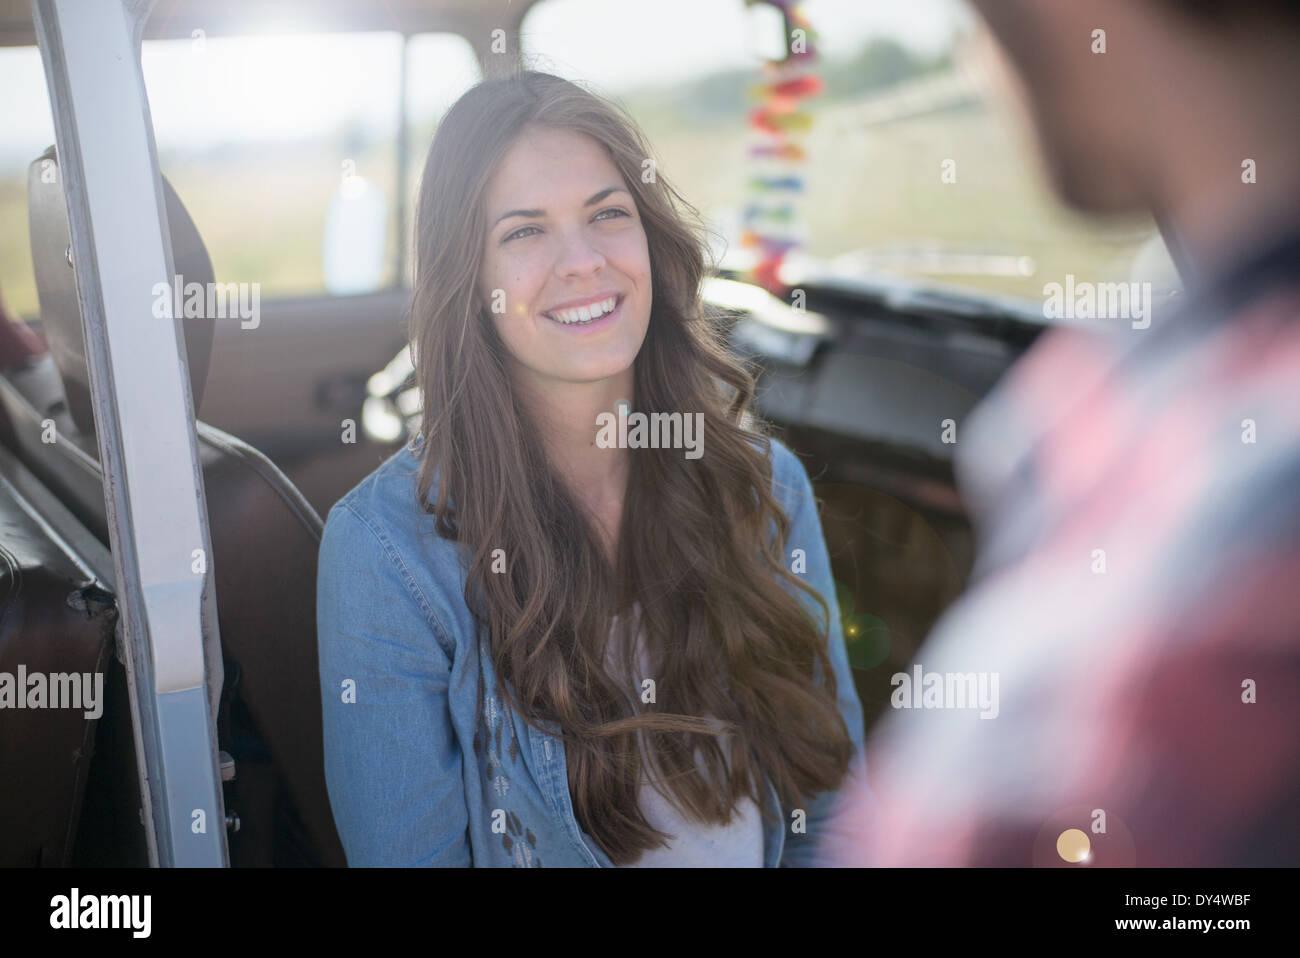 Mujer joven con largo pelo castaño, sonriendo Foto de stock